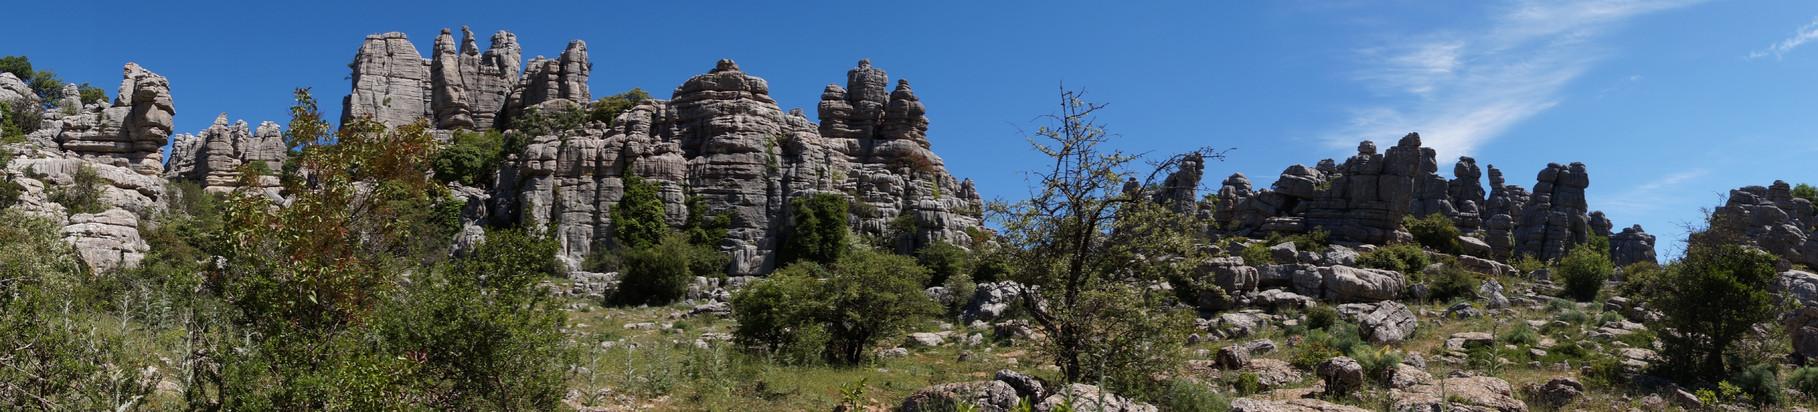 <B>Als öffentlich zugängliches Naturschutzgebiet ist El Torcal für Wanderer und Naturliebhaber ein interessanter Anziehungspunkt.</B>